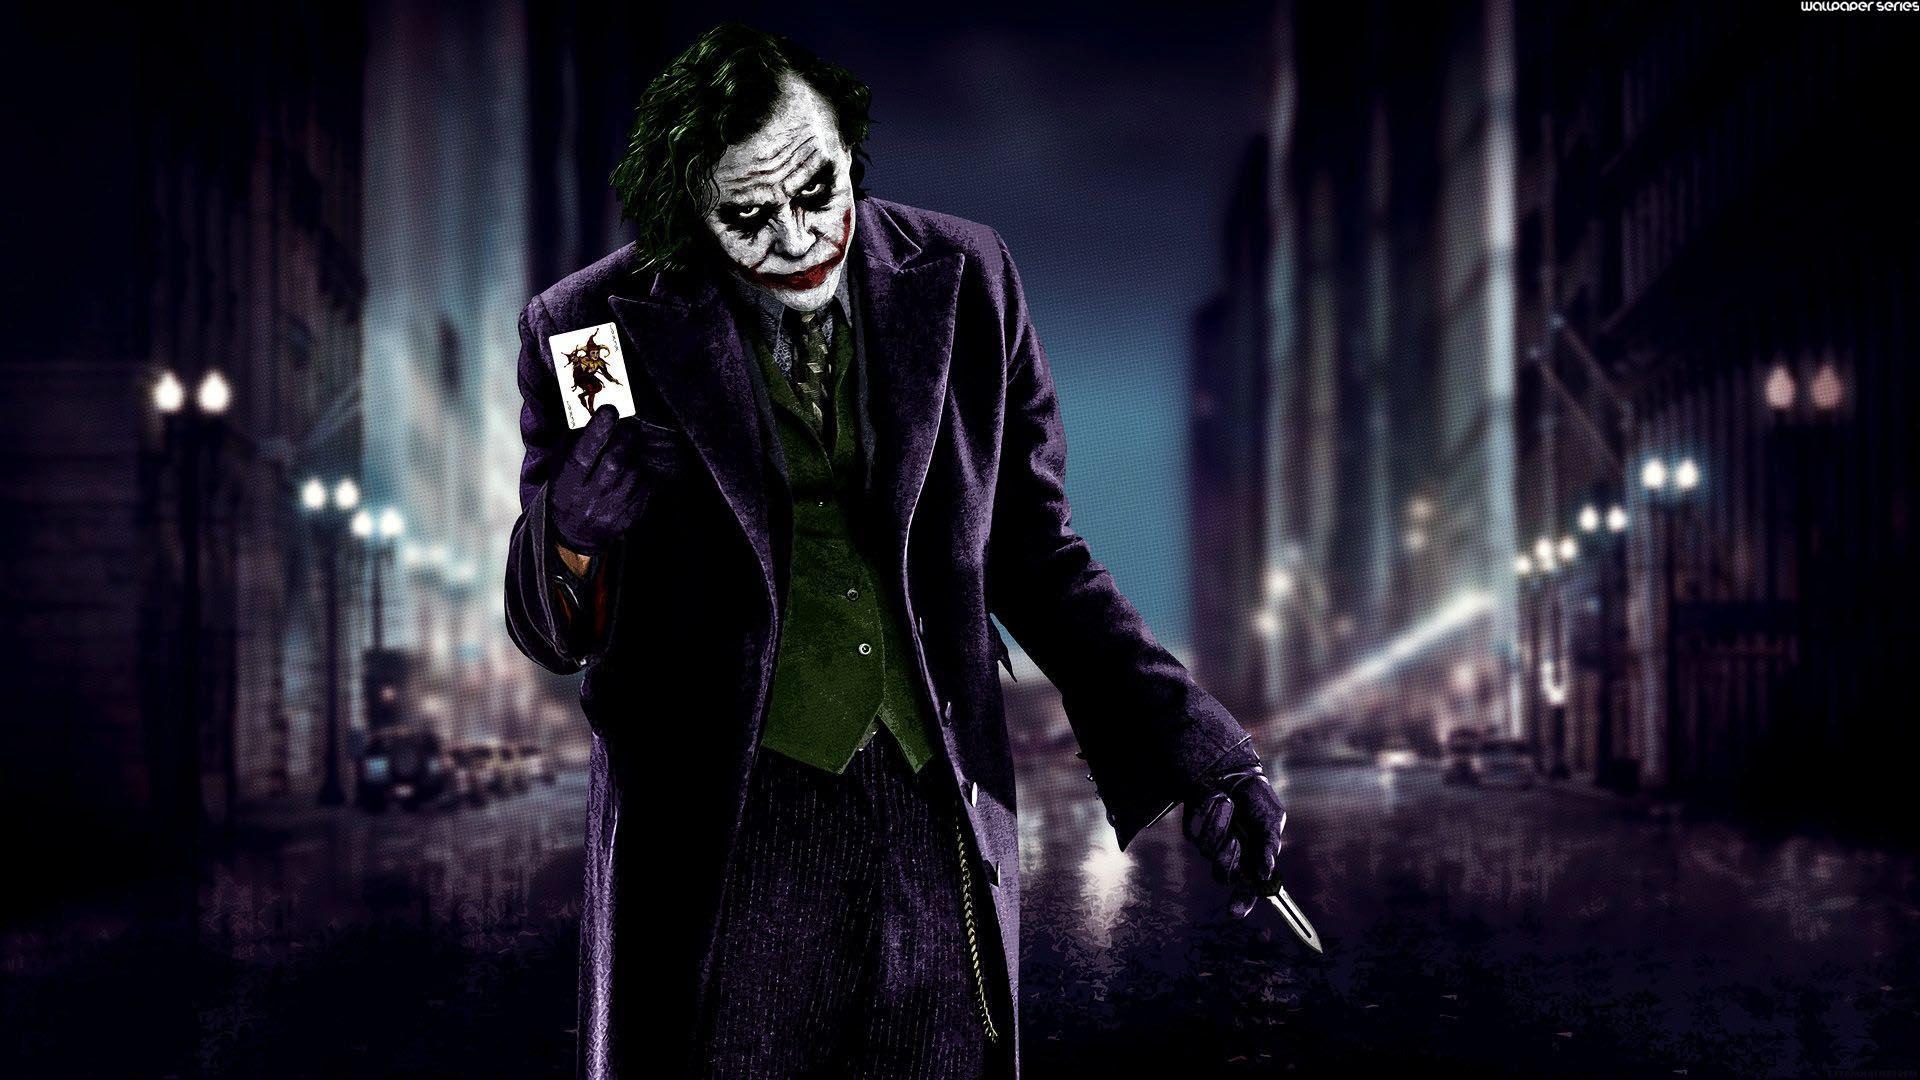 joker heath ledger wallpaper - photo #8